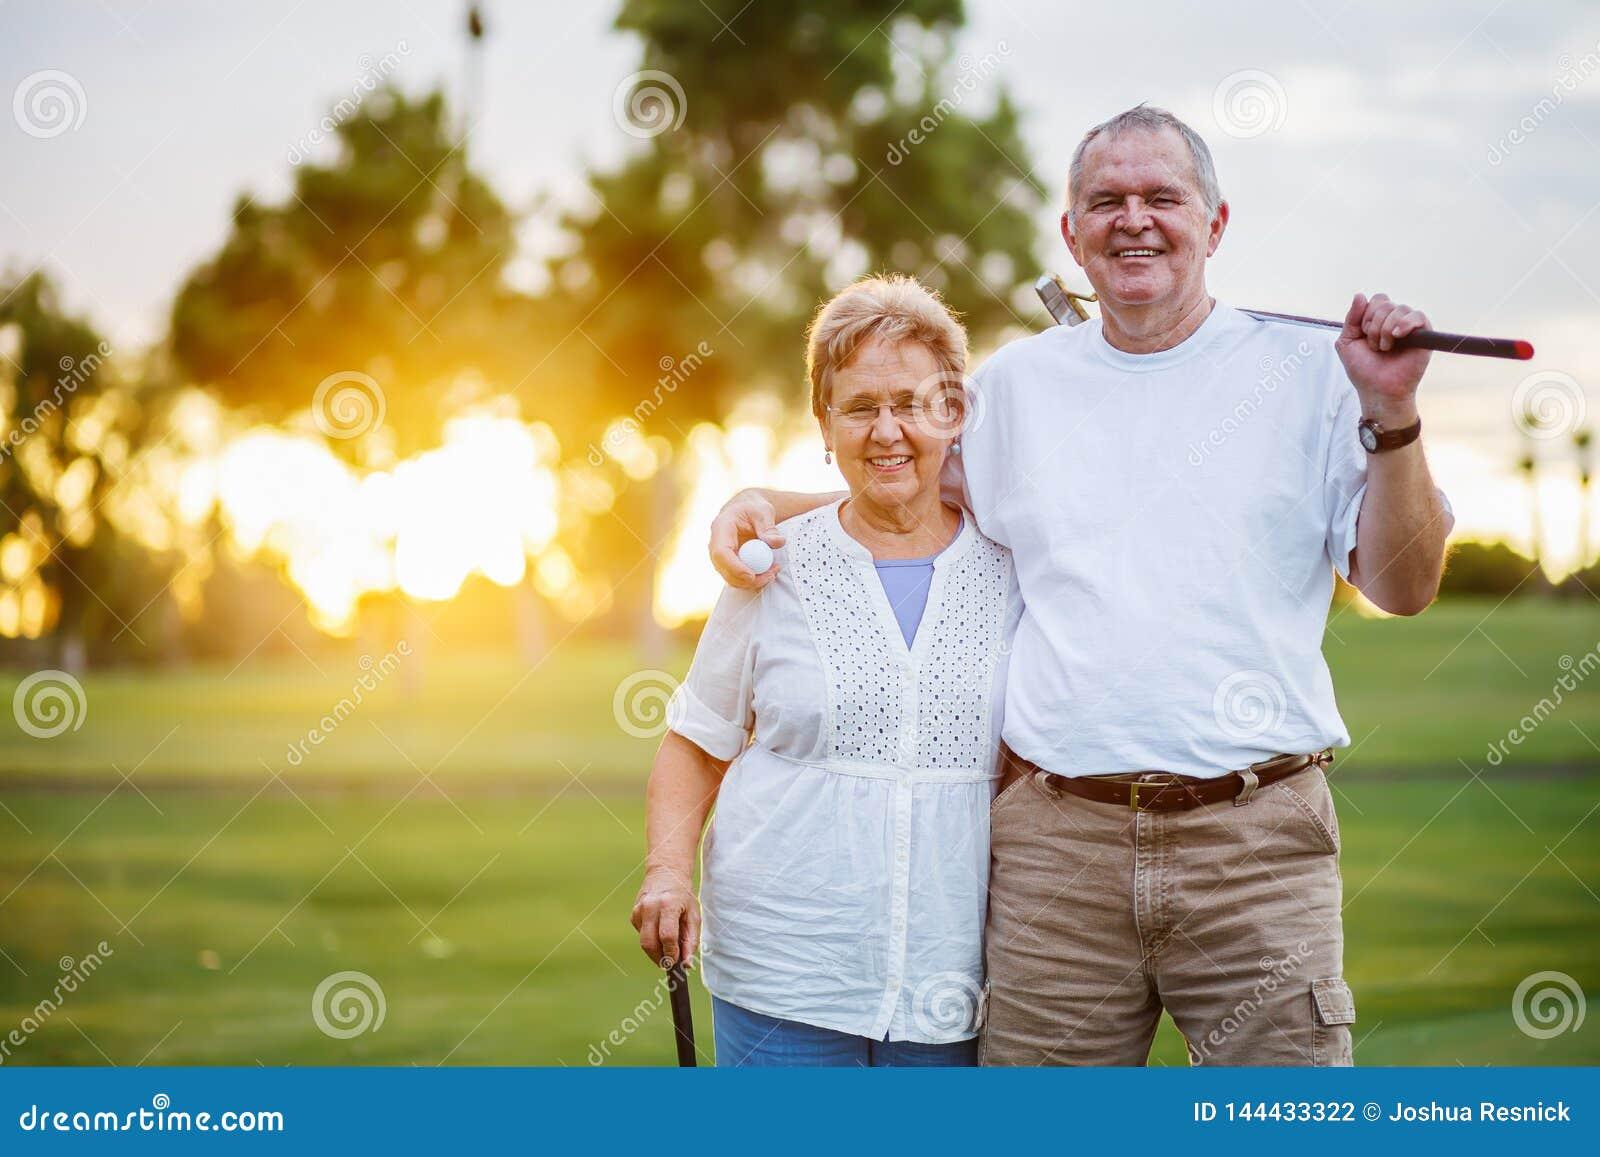 Portrait of happy senior couple enjoying active lifestyle playing golf